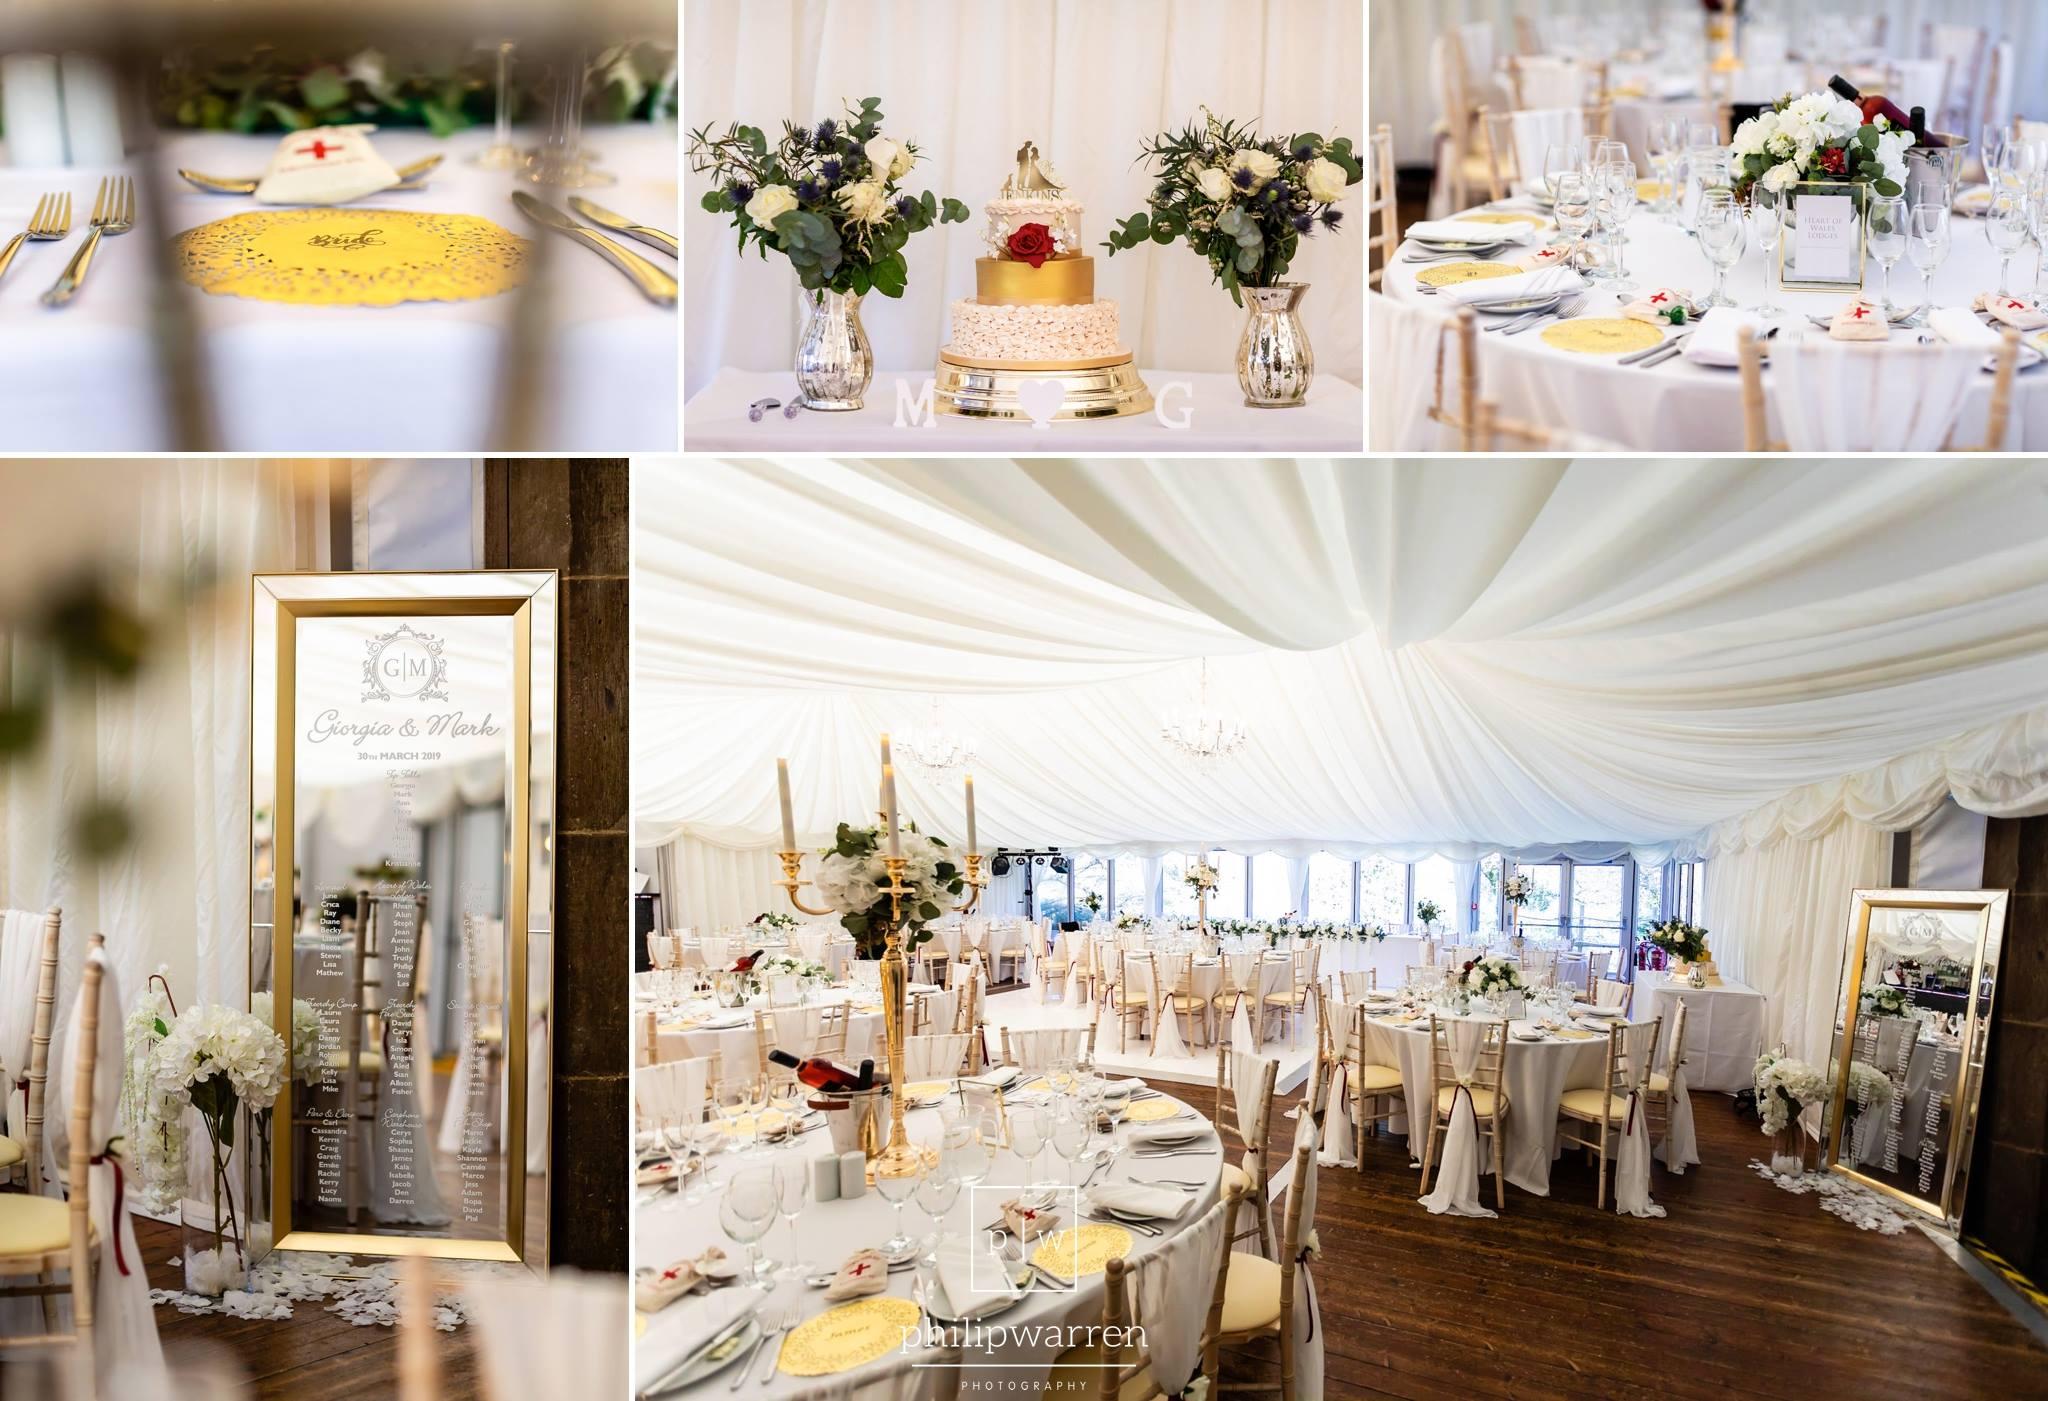 Bryngarw Wedding - 11.jpg